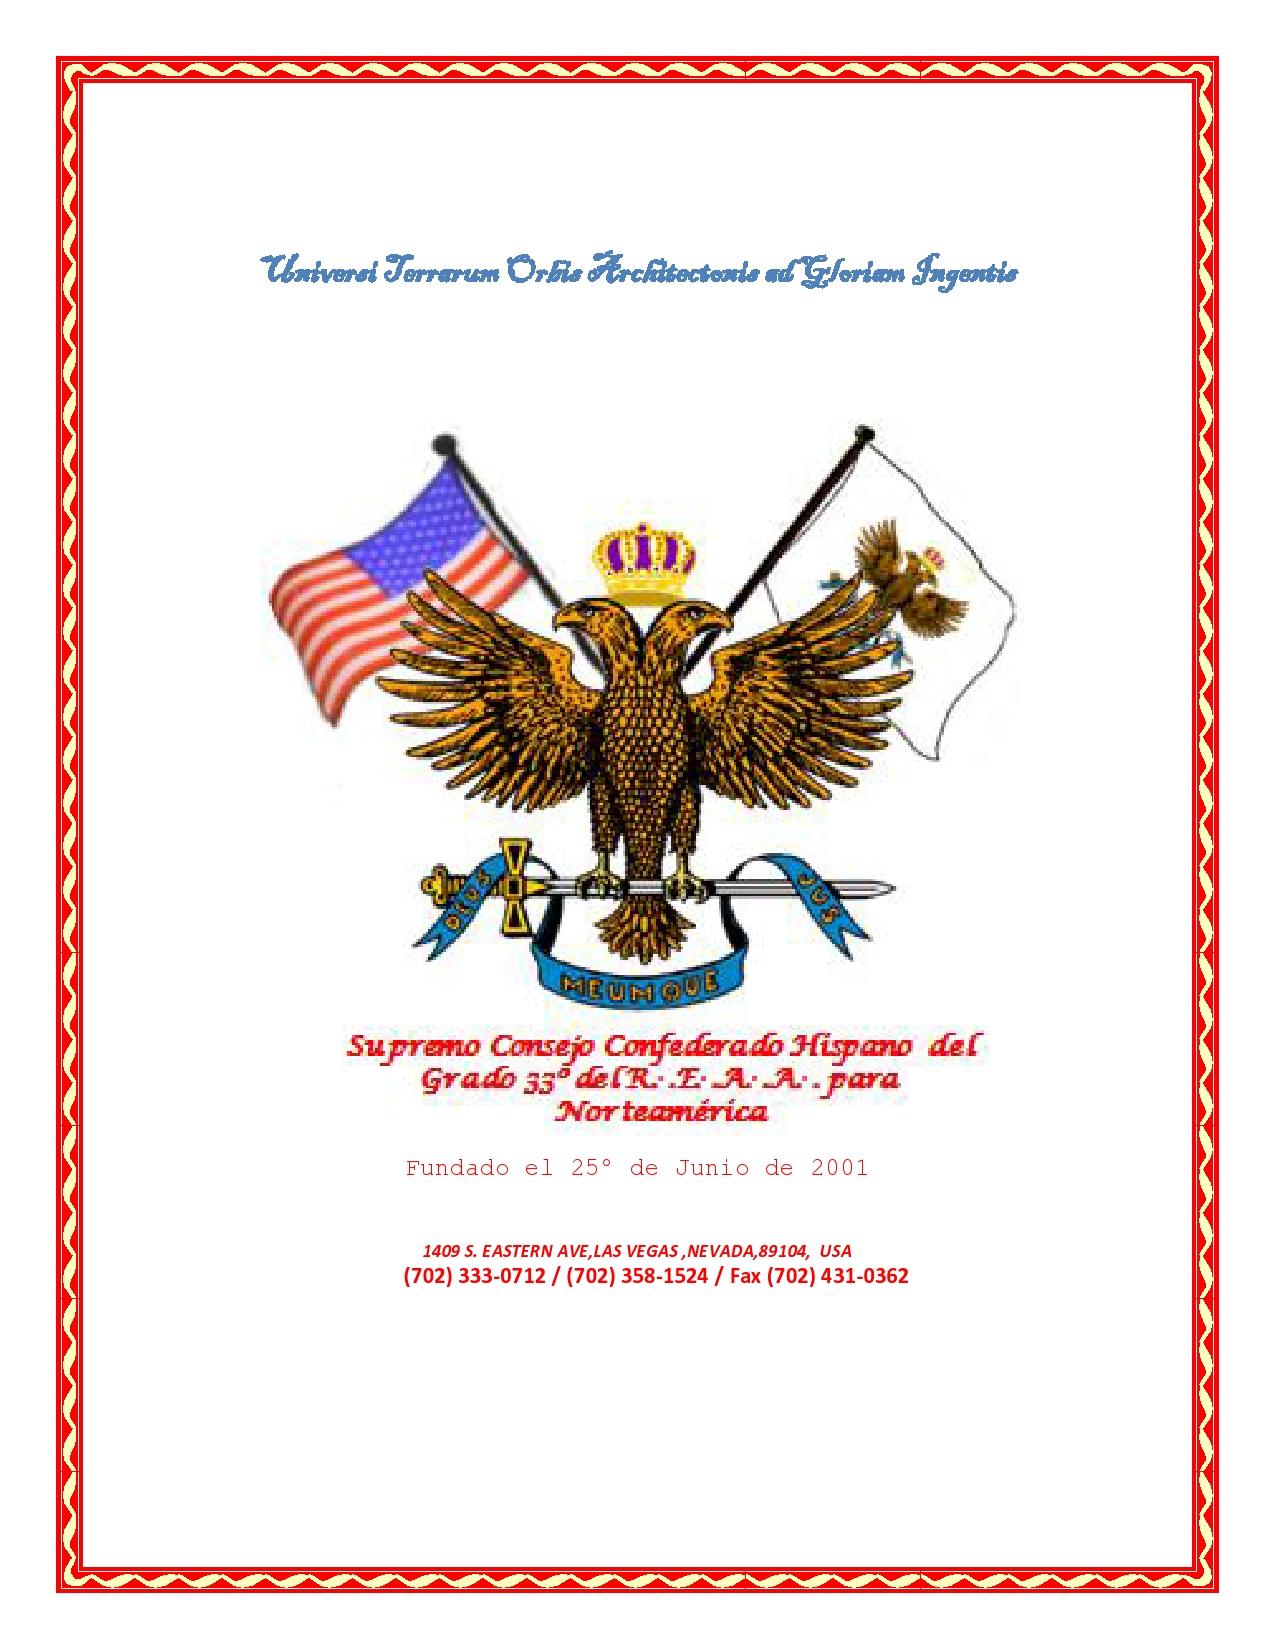 PRESENTACION  DE CONSEJO SUPREMO para pdf-page0001